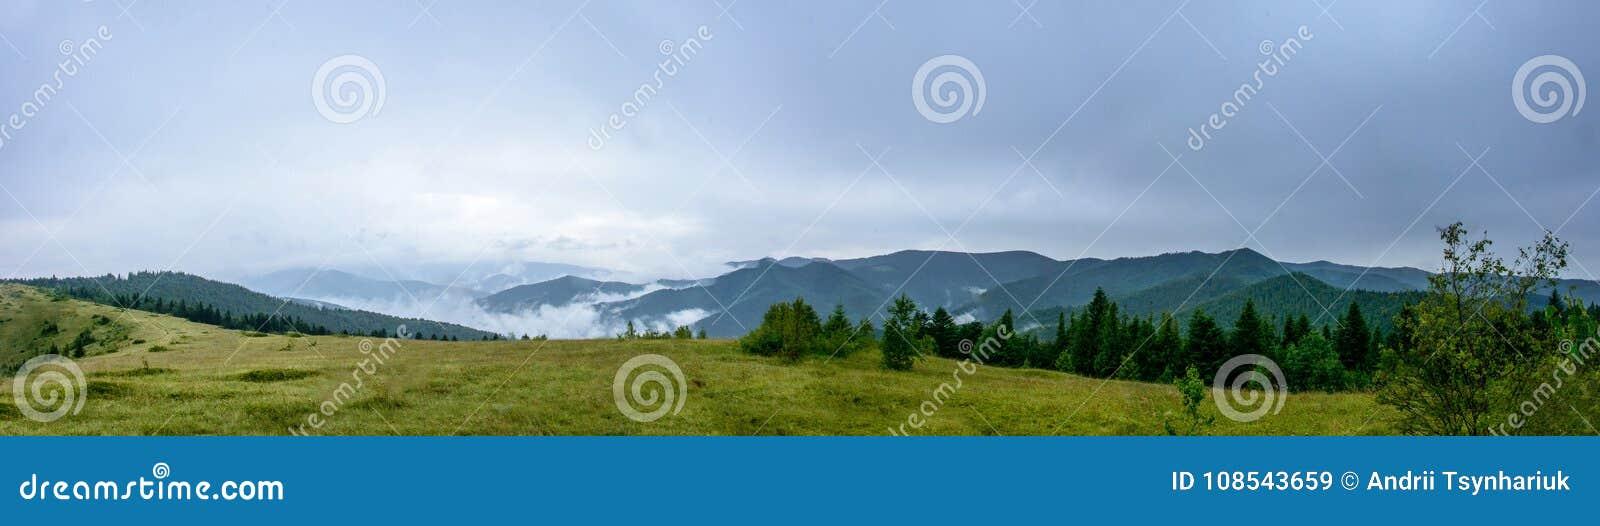 Panorama asombroso en la montaña Yavorinka en los Cárpatos durante la lluvia